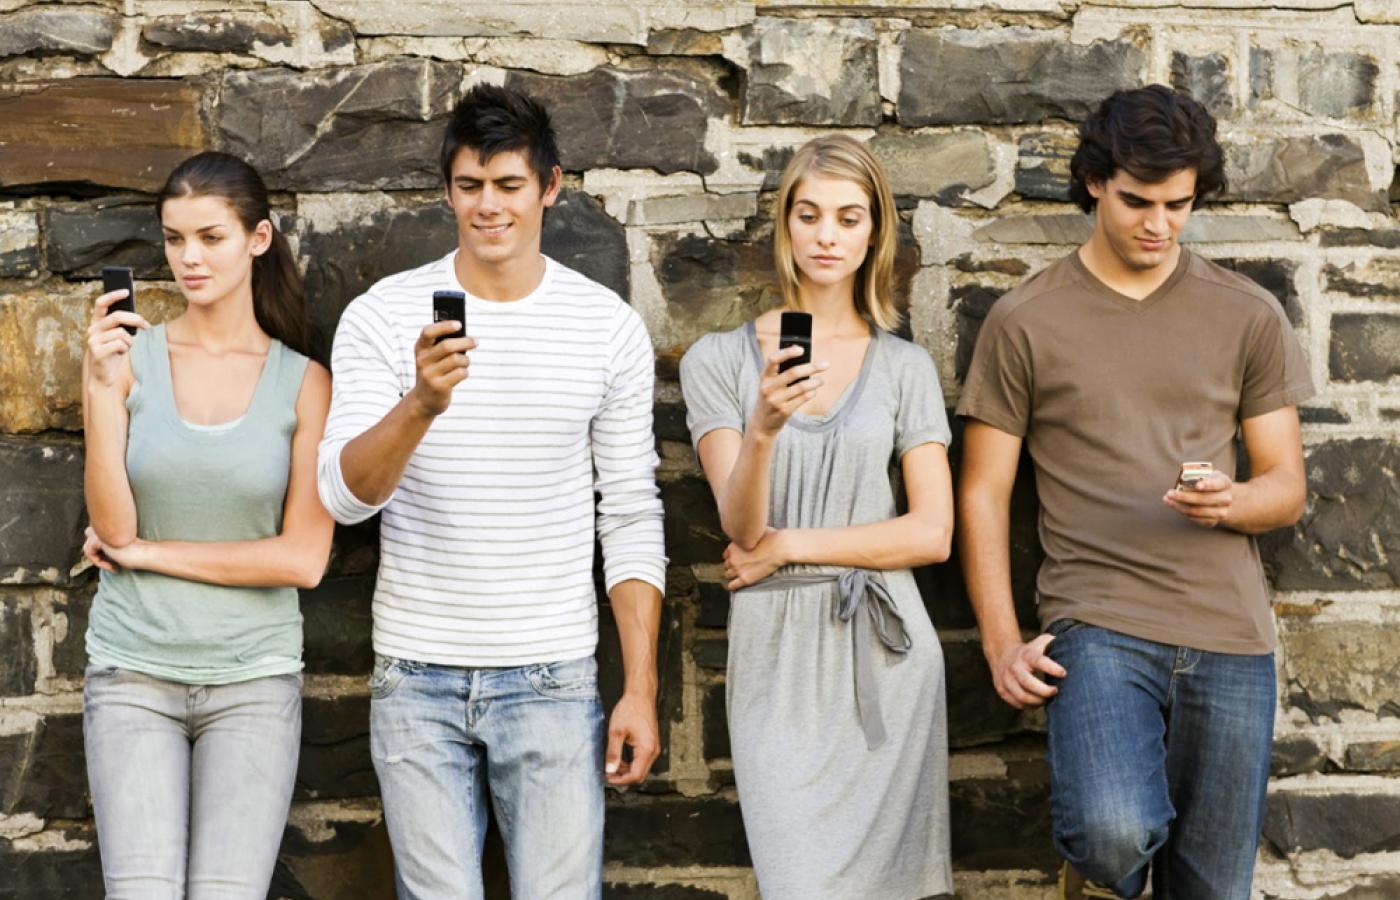 serwis randkowy generacji i jogo speed dating traduzido